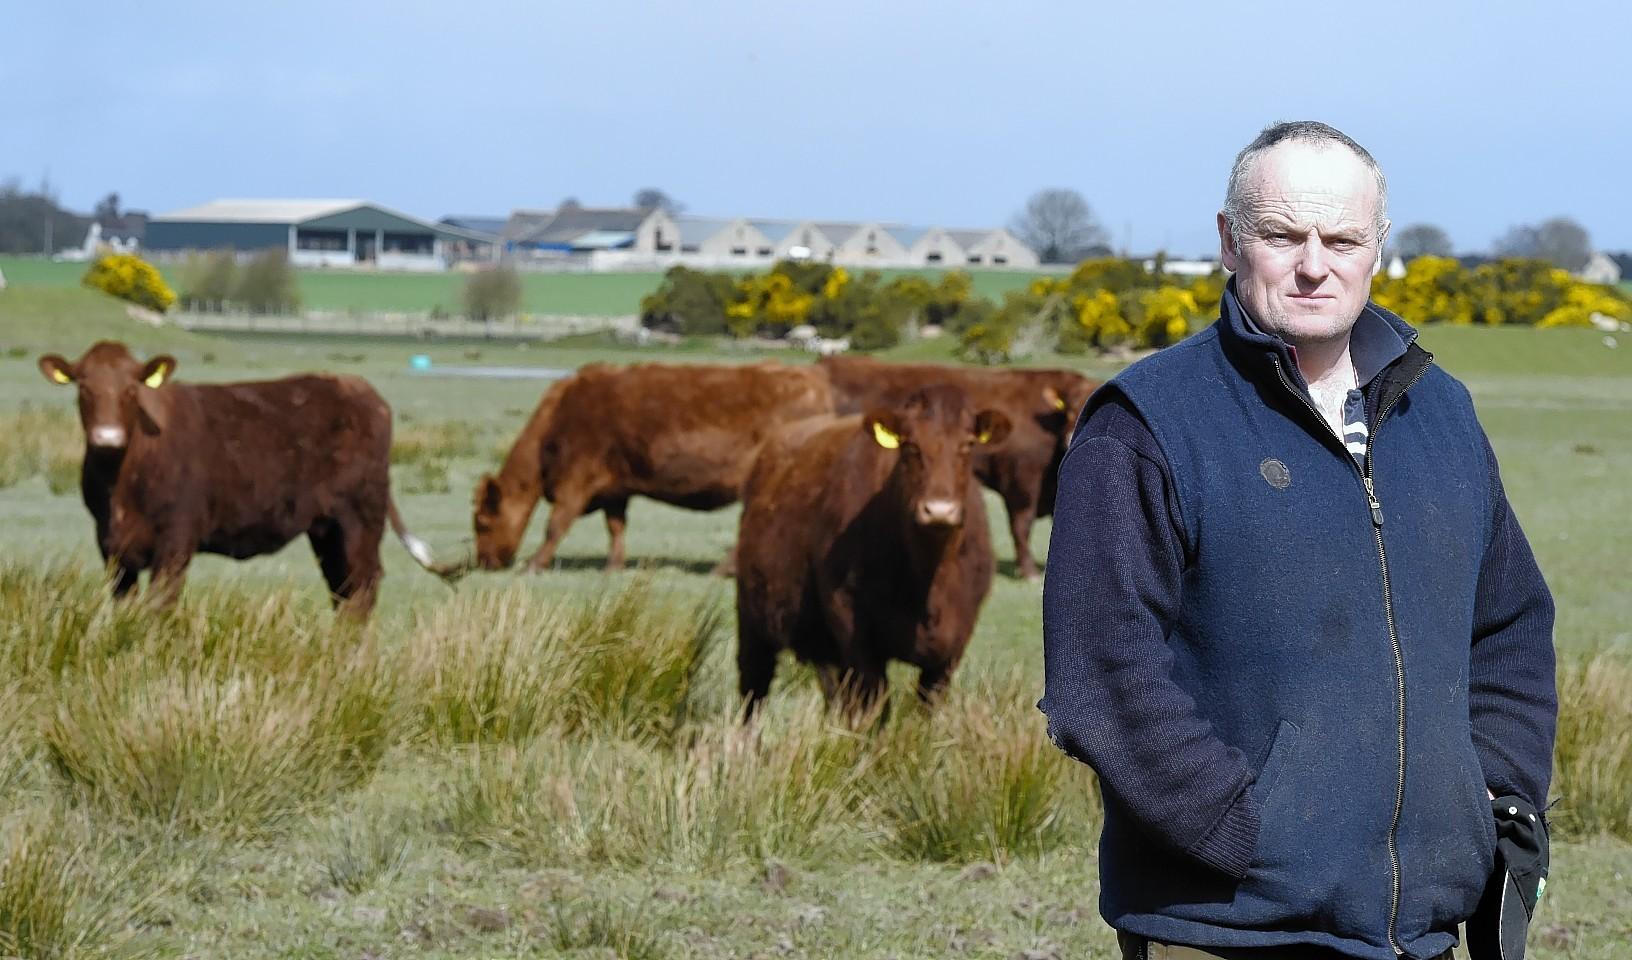 Farmer John Scott